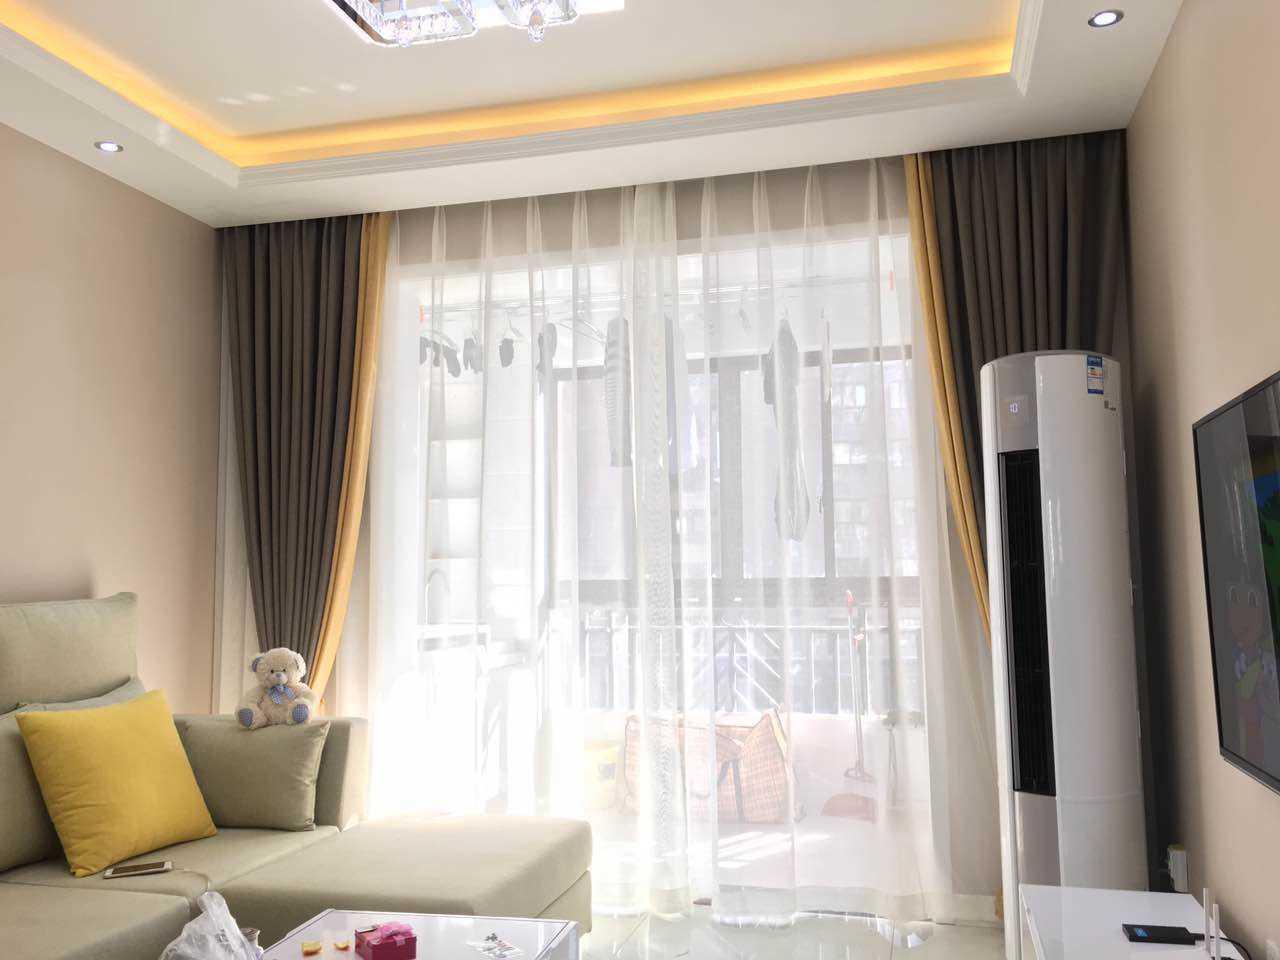 相比传统的窗帘,这些拼接窗帘大多采用两到三种不同花色的布料拼接而